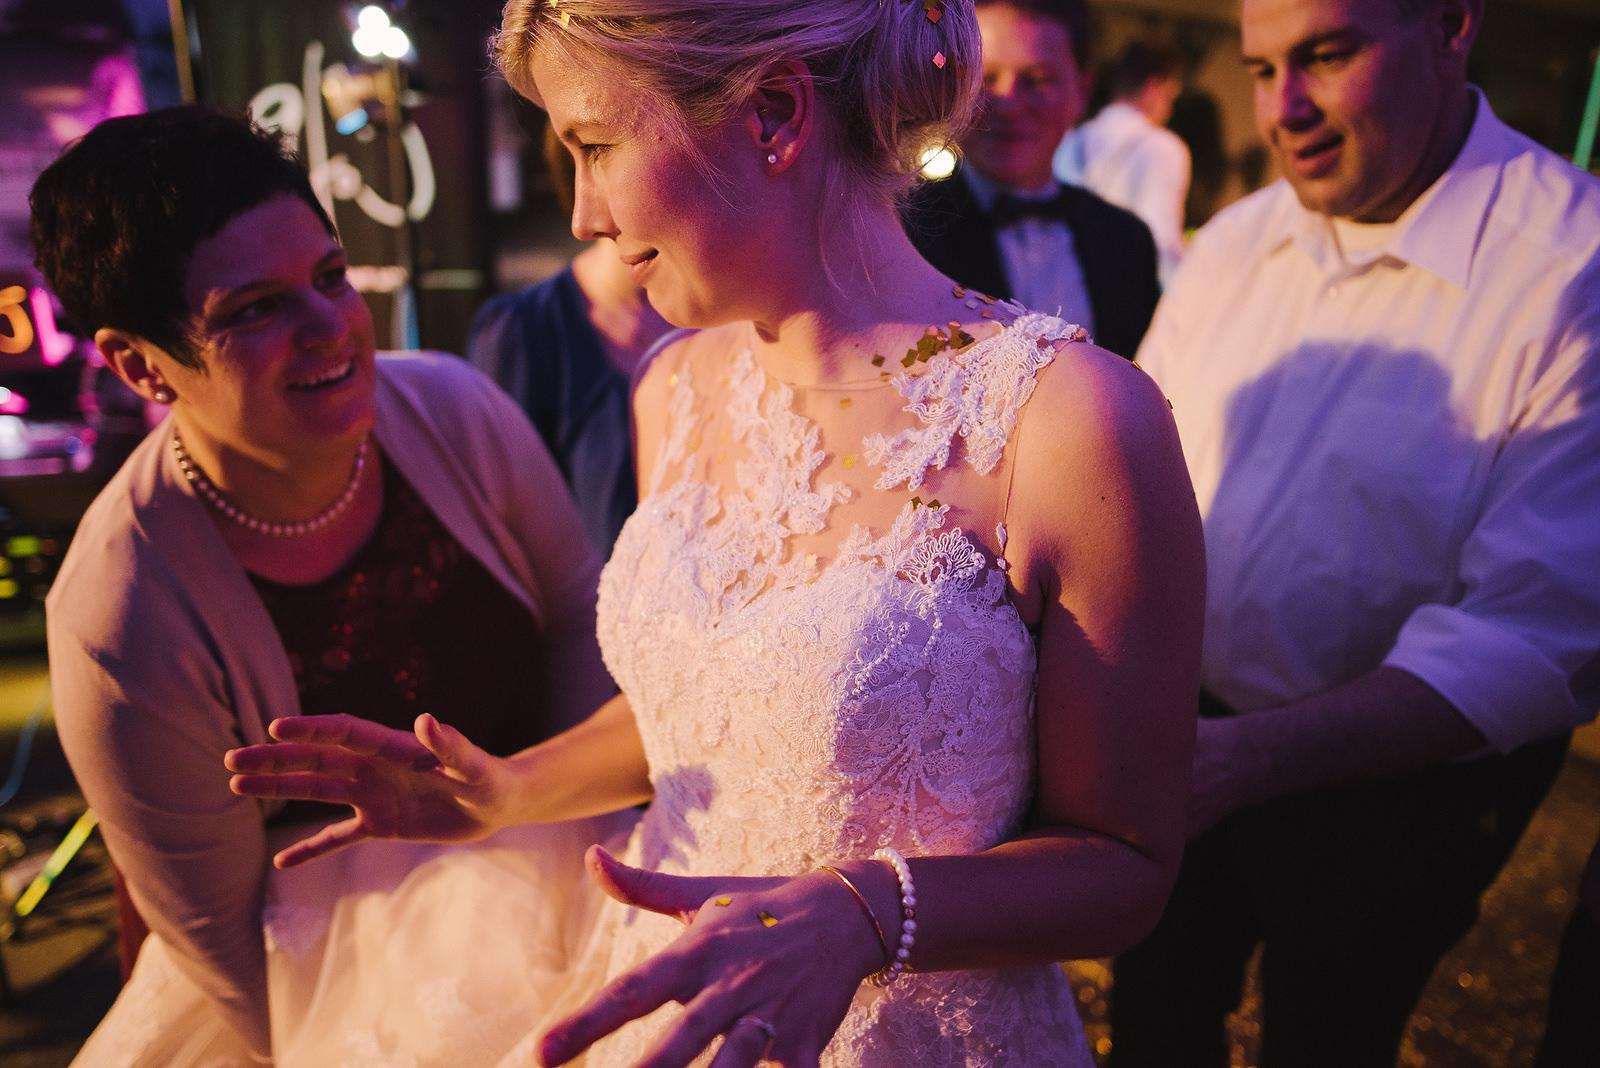 Fotograf Konstanz - Hochzeit Friedrichshafen Bodensee Hochzeitsfotograf EFP 85 - Silvester Hochzeit in Hagnau / Friedrichshafen am Bodensee  - 65 -